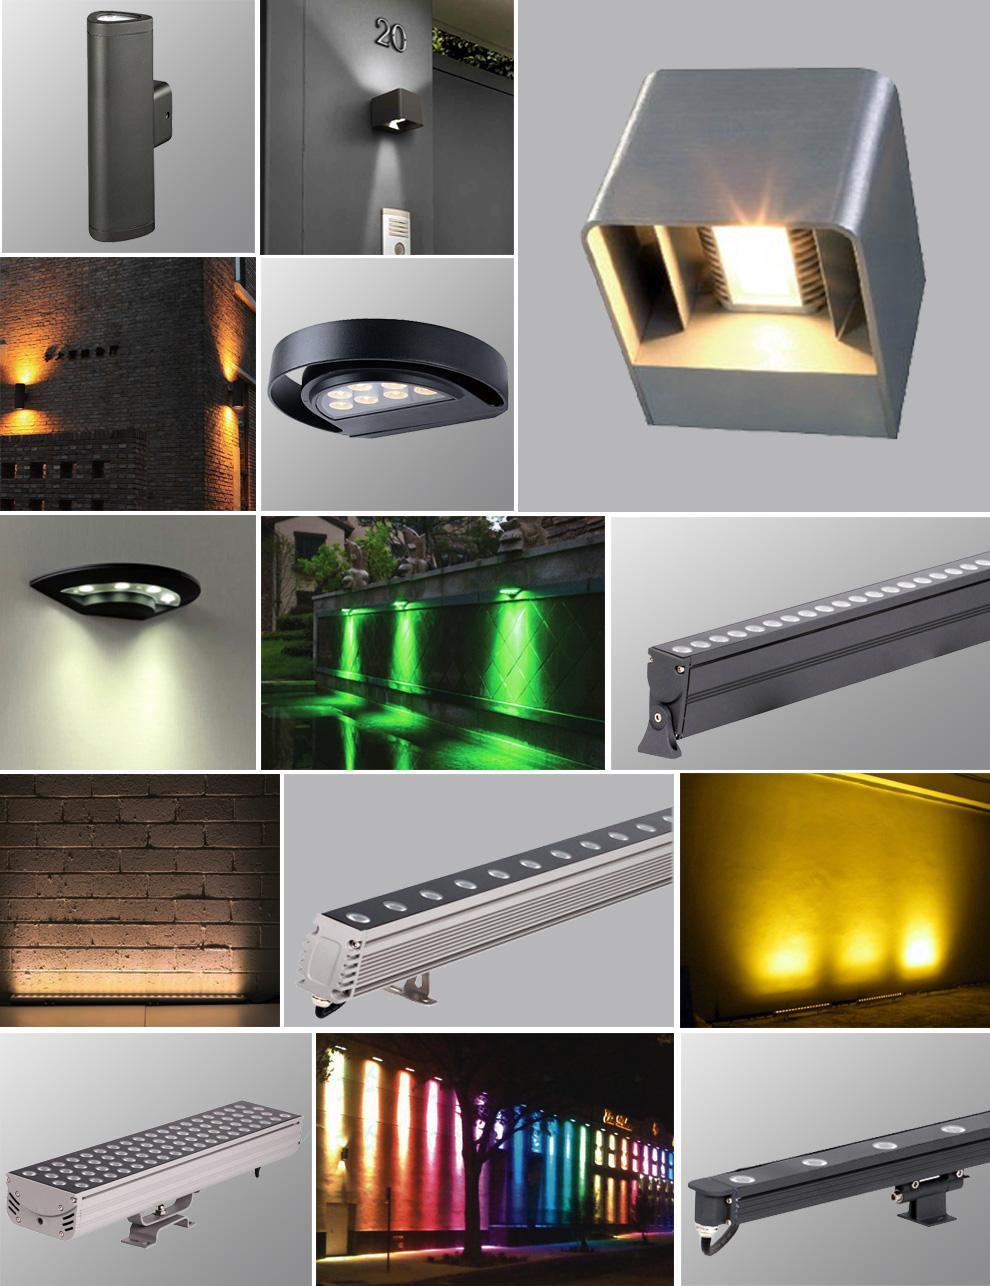 Zhongshan Brand Lighting Factory - LED,LED LIGHT